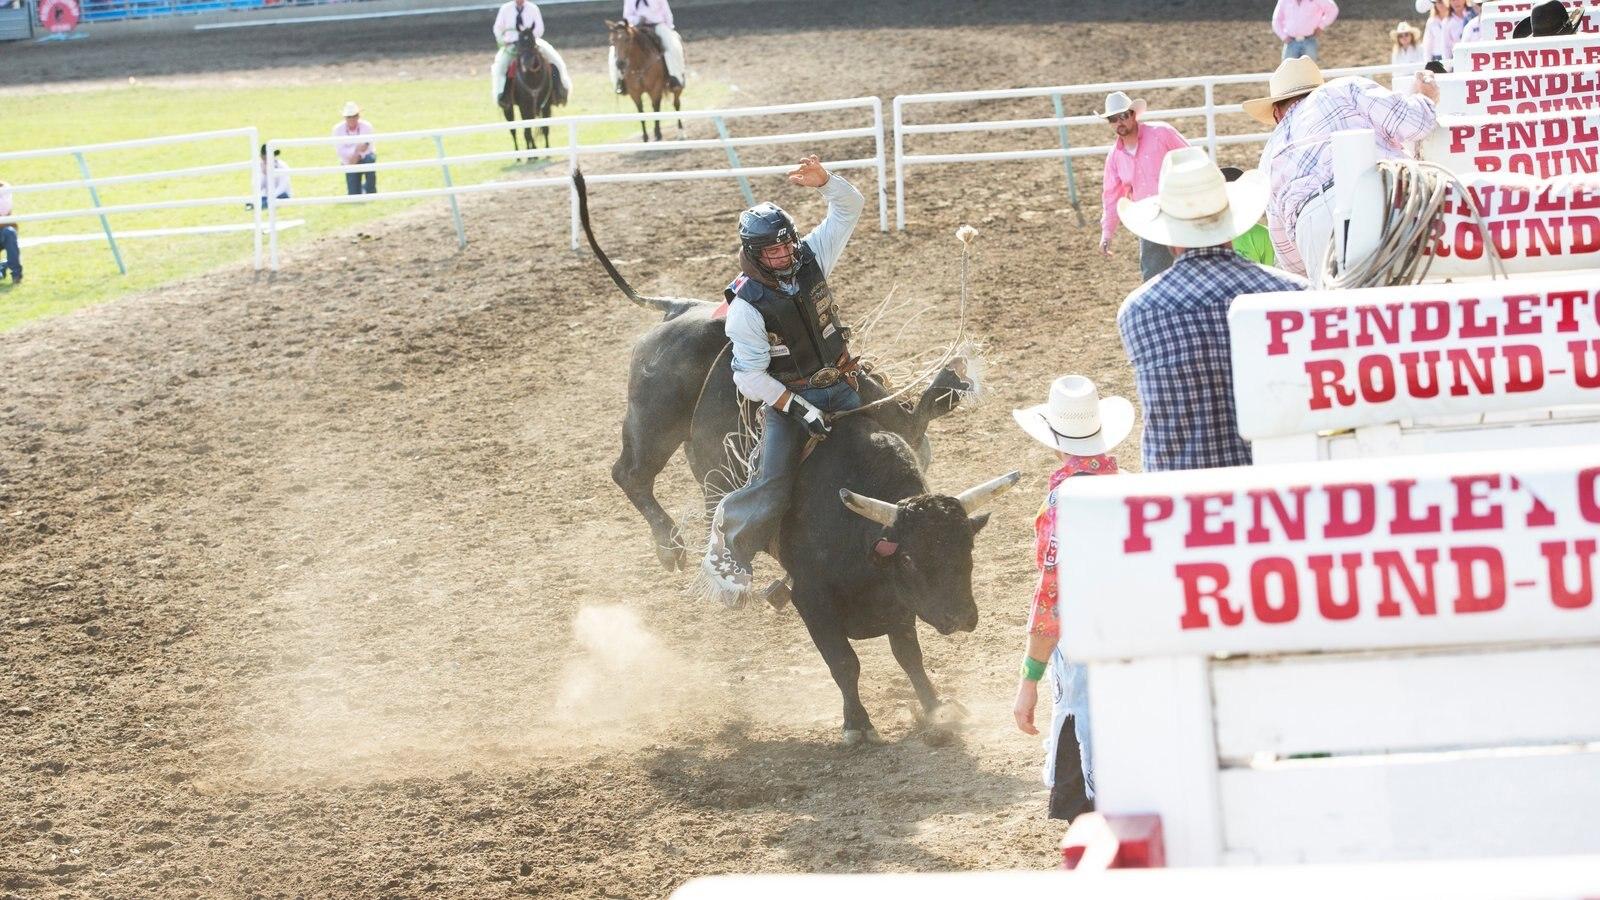 Pendleton que incluye un evento deportivo y animales terrestres